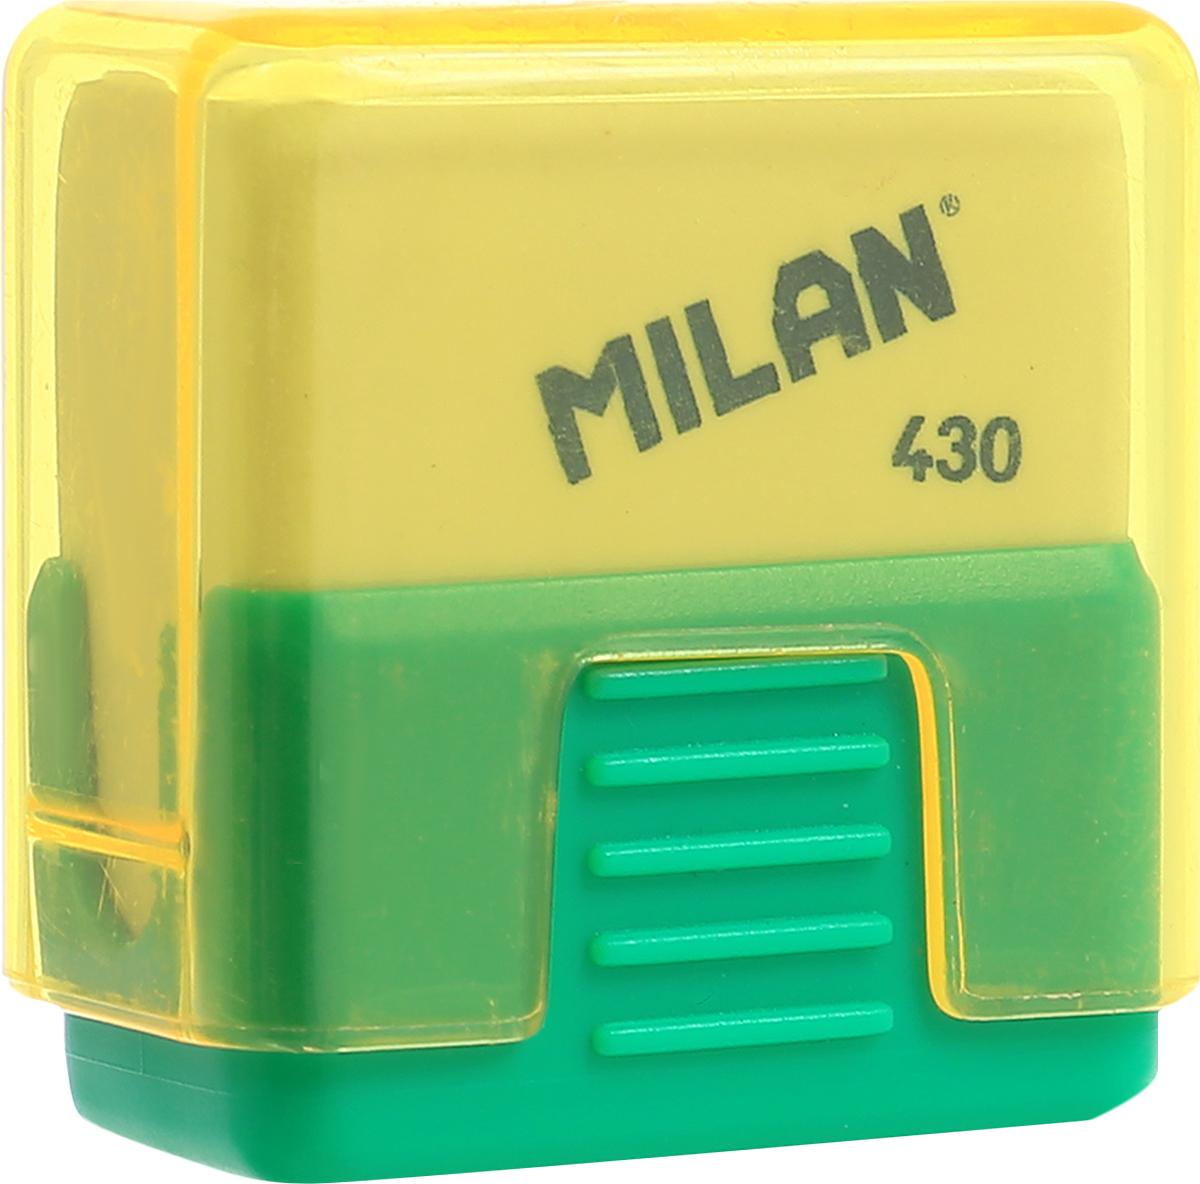 Milan Ластик School 430 цвет зеленый желтый20164132Ластик Milan School 430 - это ластик с пластиковым держателем в эргономичном компактном корпусе. Заменяемый ластик.